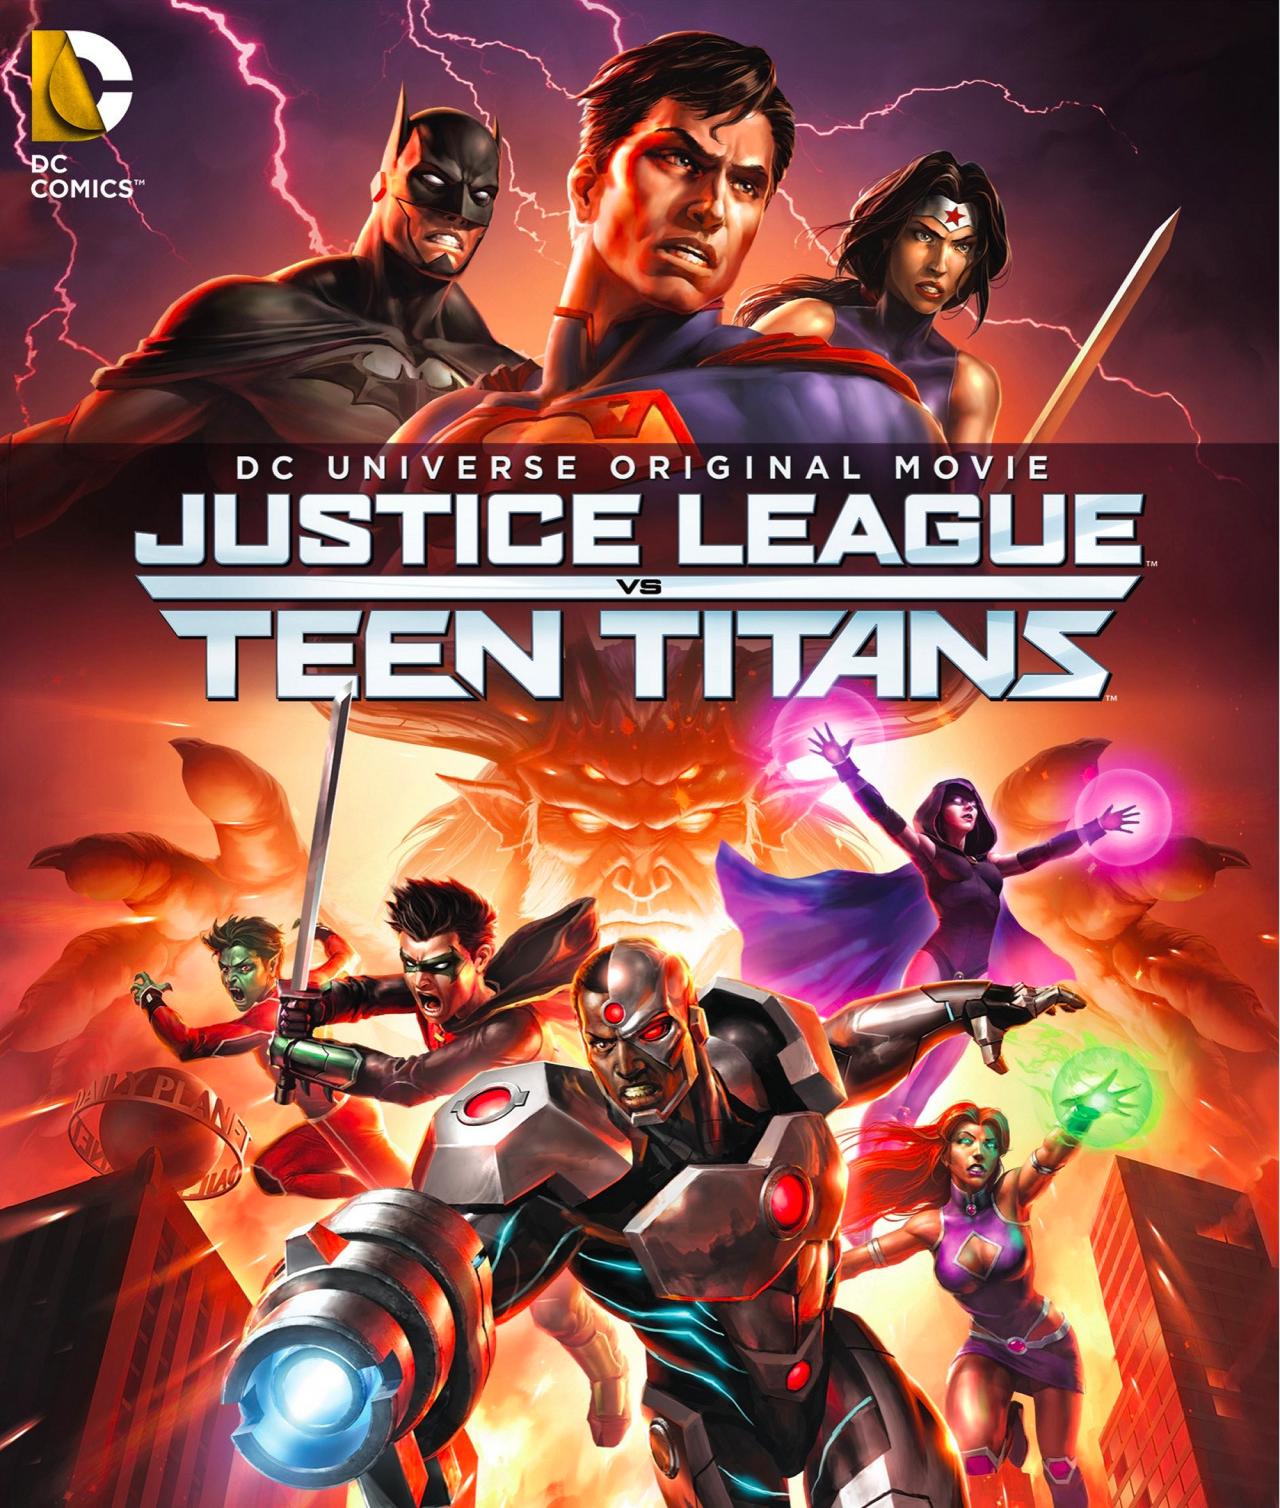 affiche du film La ligue des justiciers vs. Teen titans